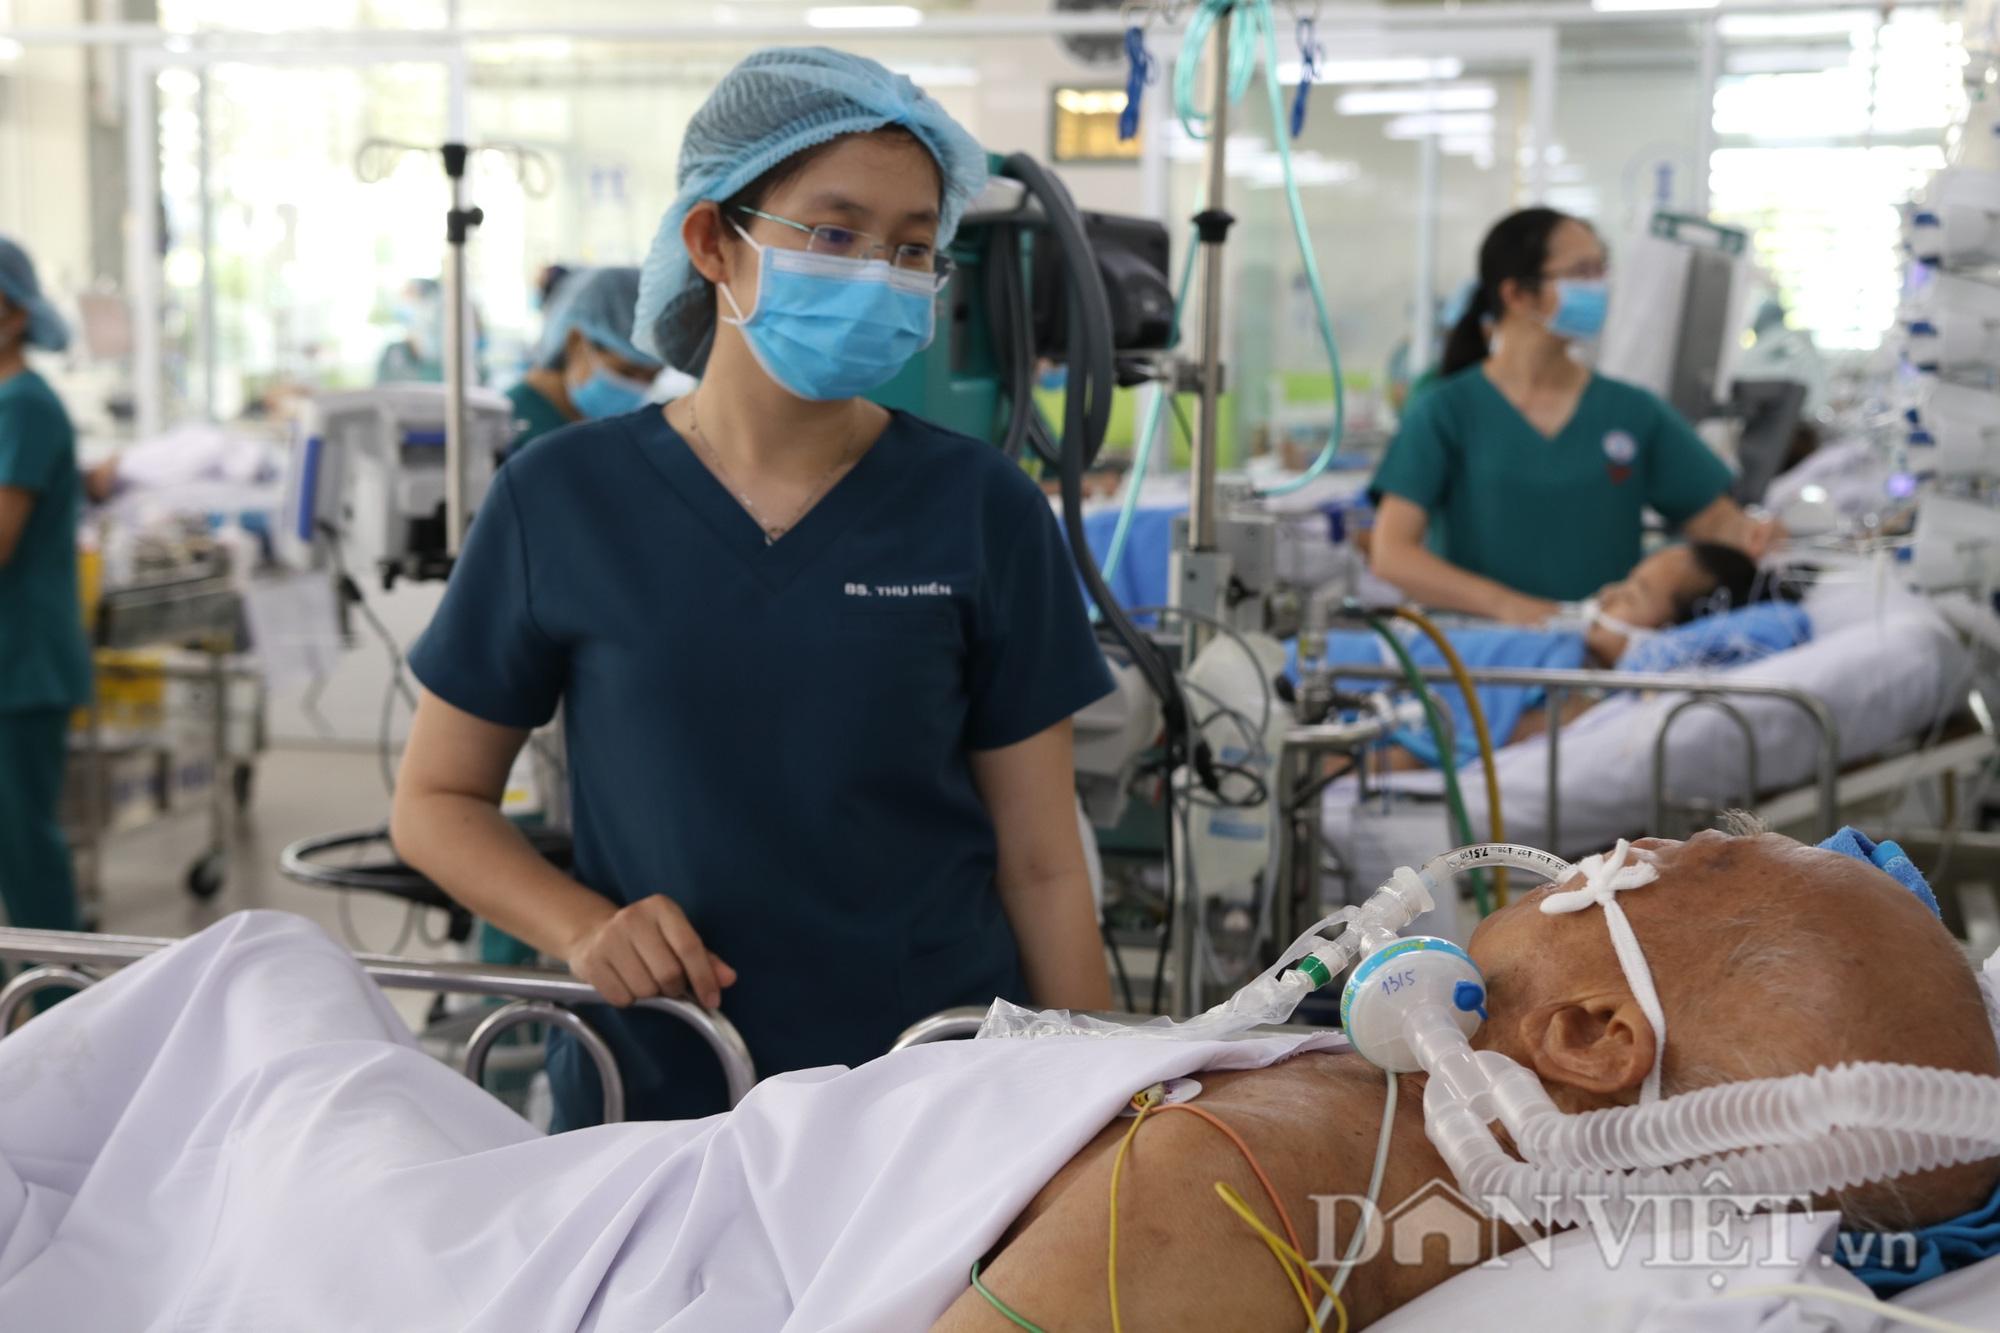 Chuyện chưa kể của nữ bác sĩ trẻ 3 tuần chăm sóc bệnh nhân phi công 91 - Ảnh 2.